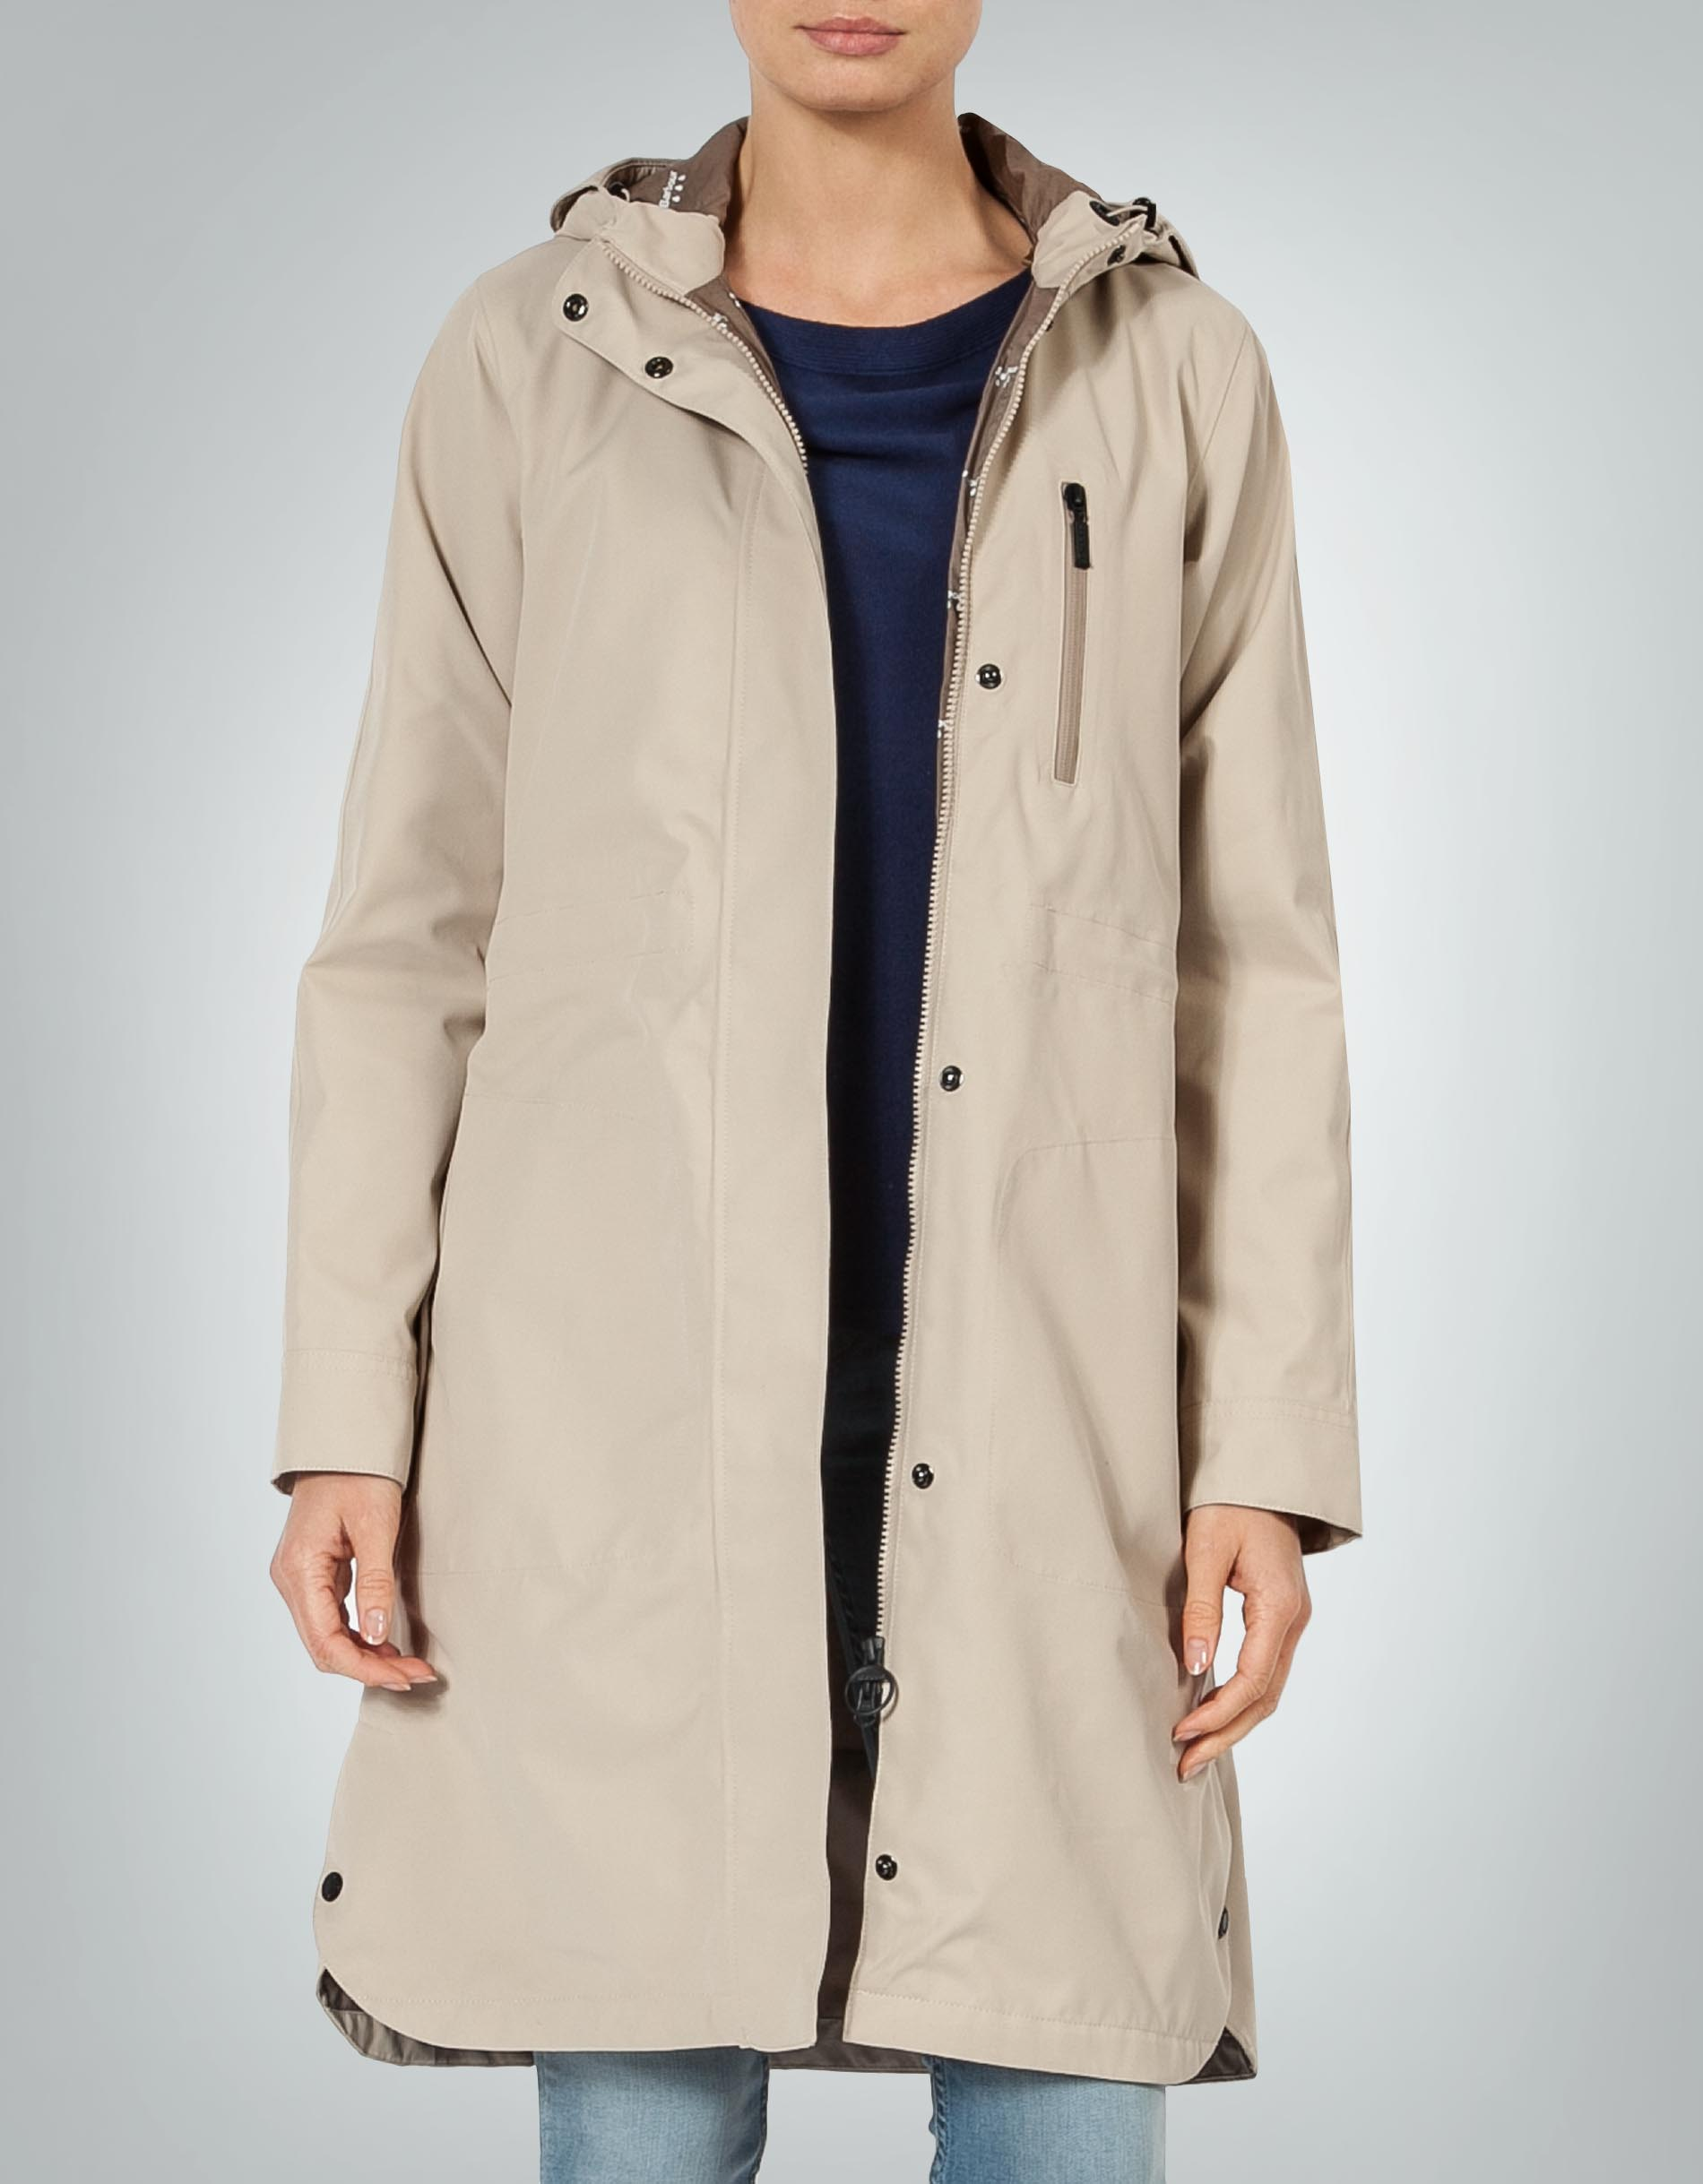 low priced dd48b c1320 Barbour Damen Mantel beige aus Funktionsmaterial empfohlen ...